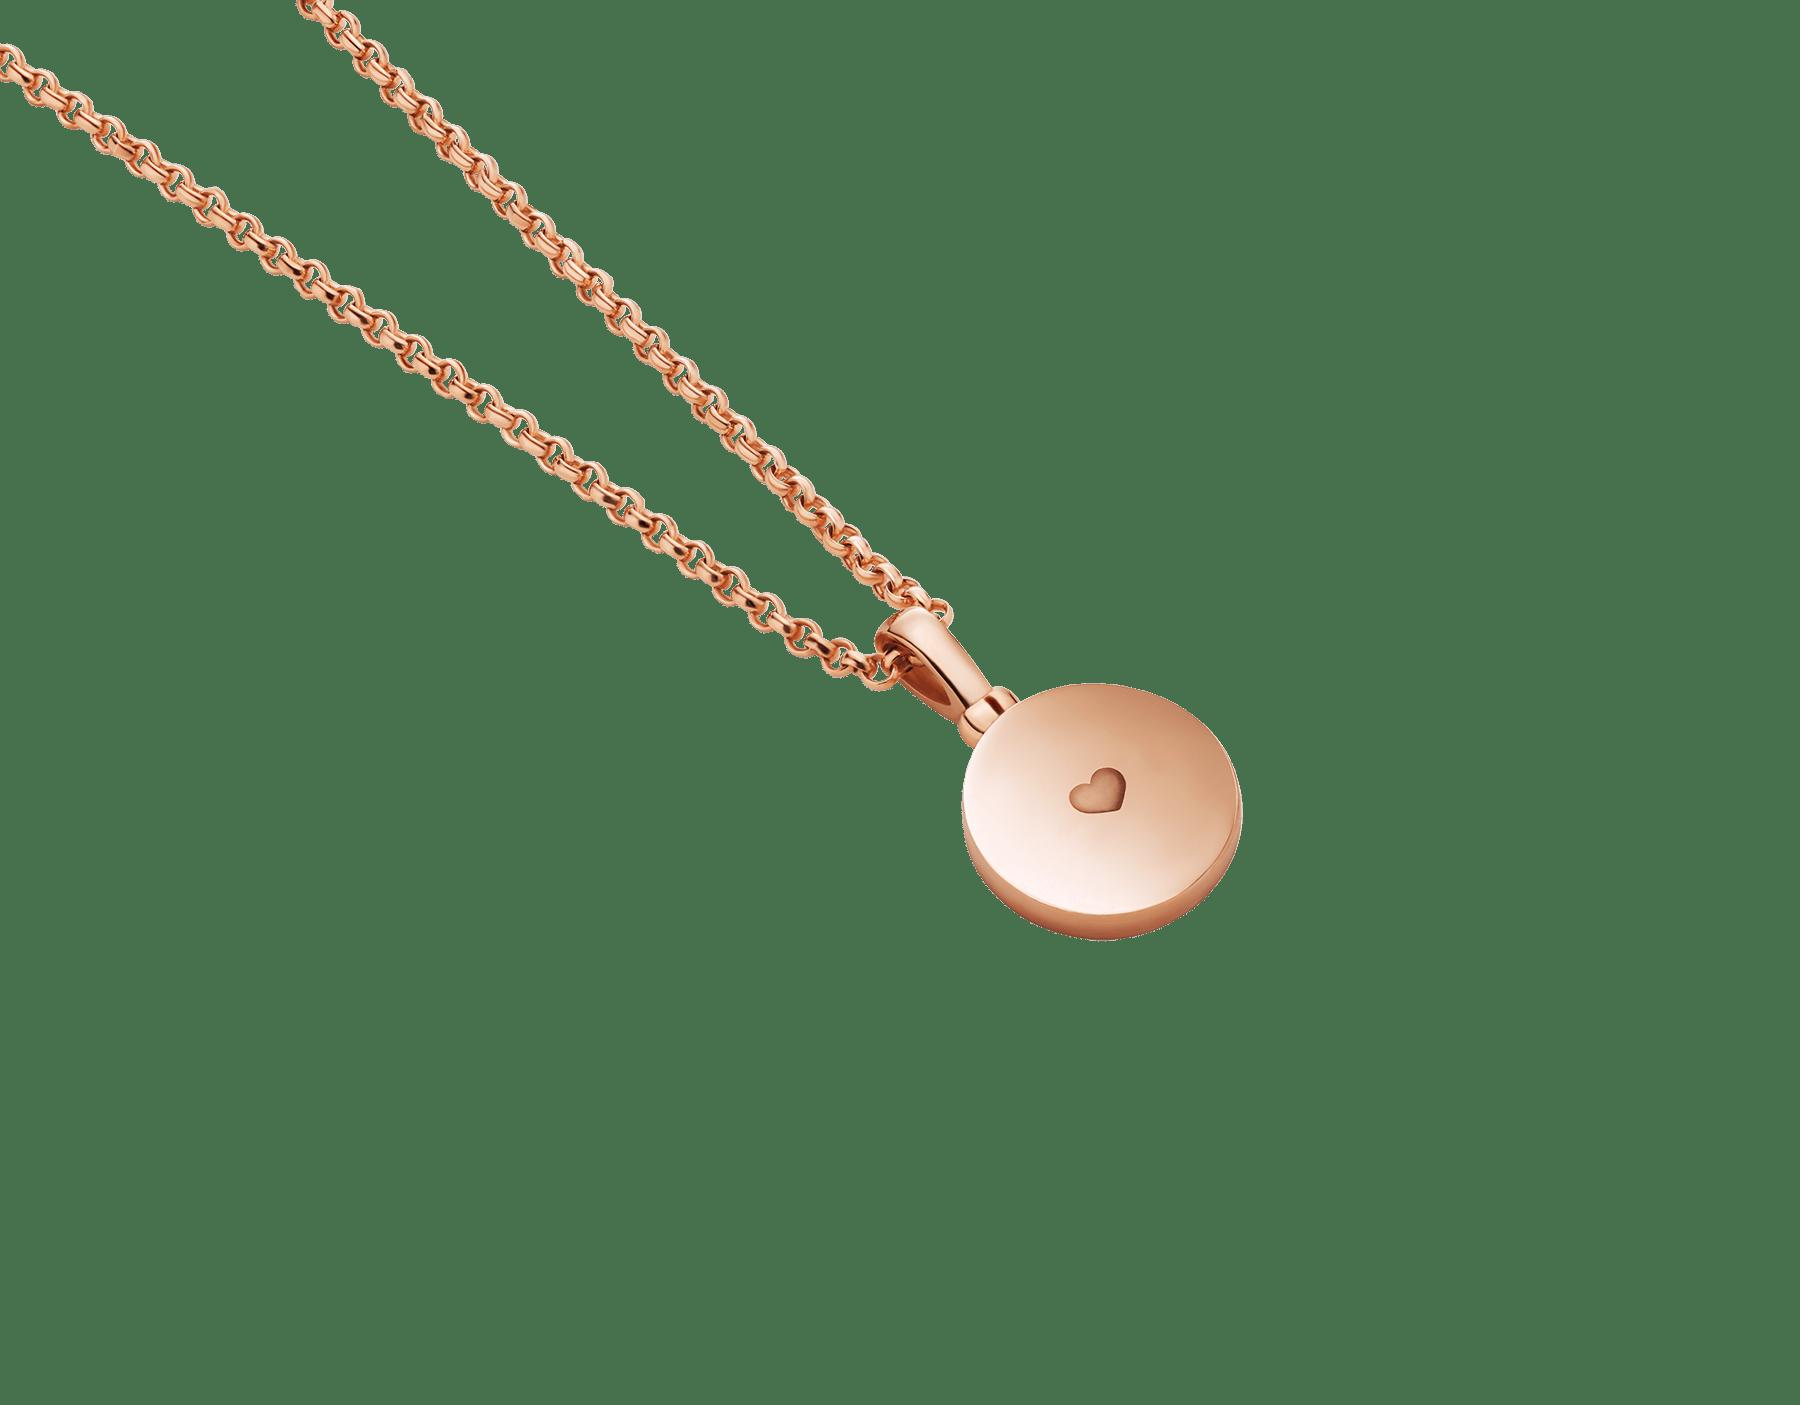 Collana con pendente BVLGARI BVLGARI in oro rosa 18 kt con inserto in madreperla, personalizzabile con incisione sul retro. 358376 image 4